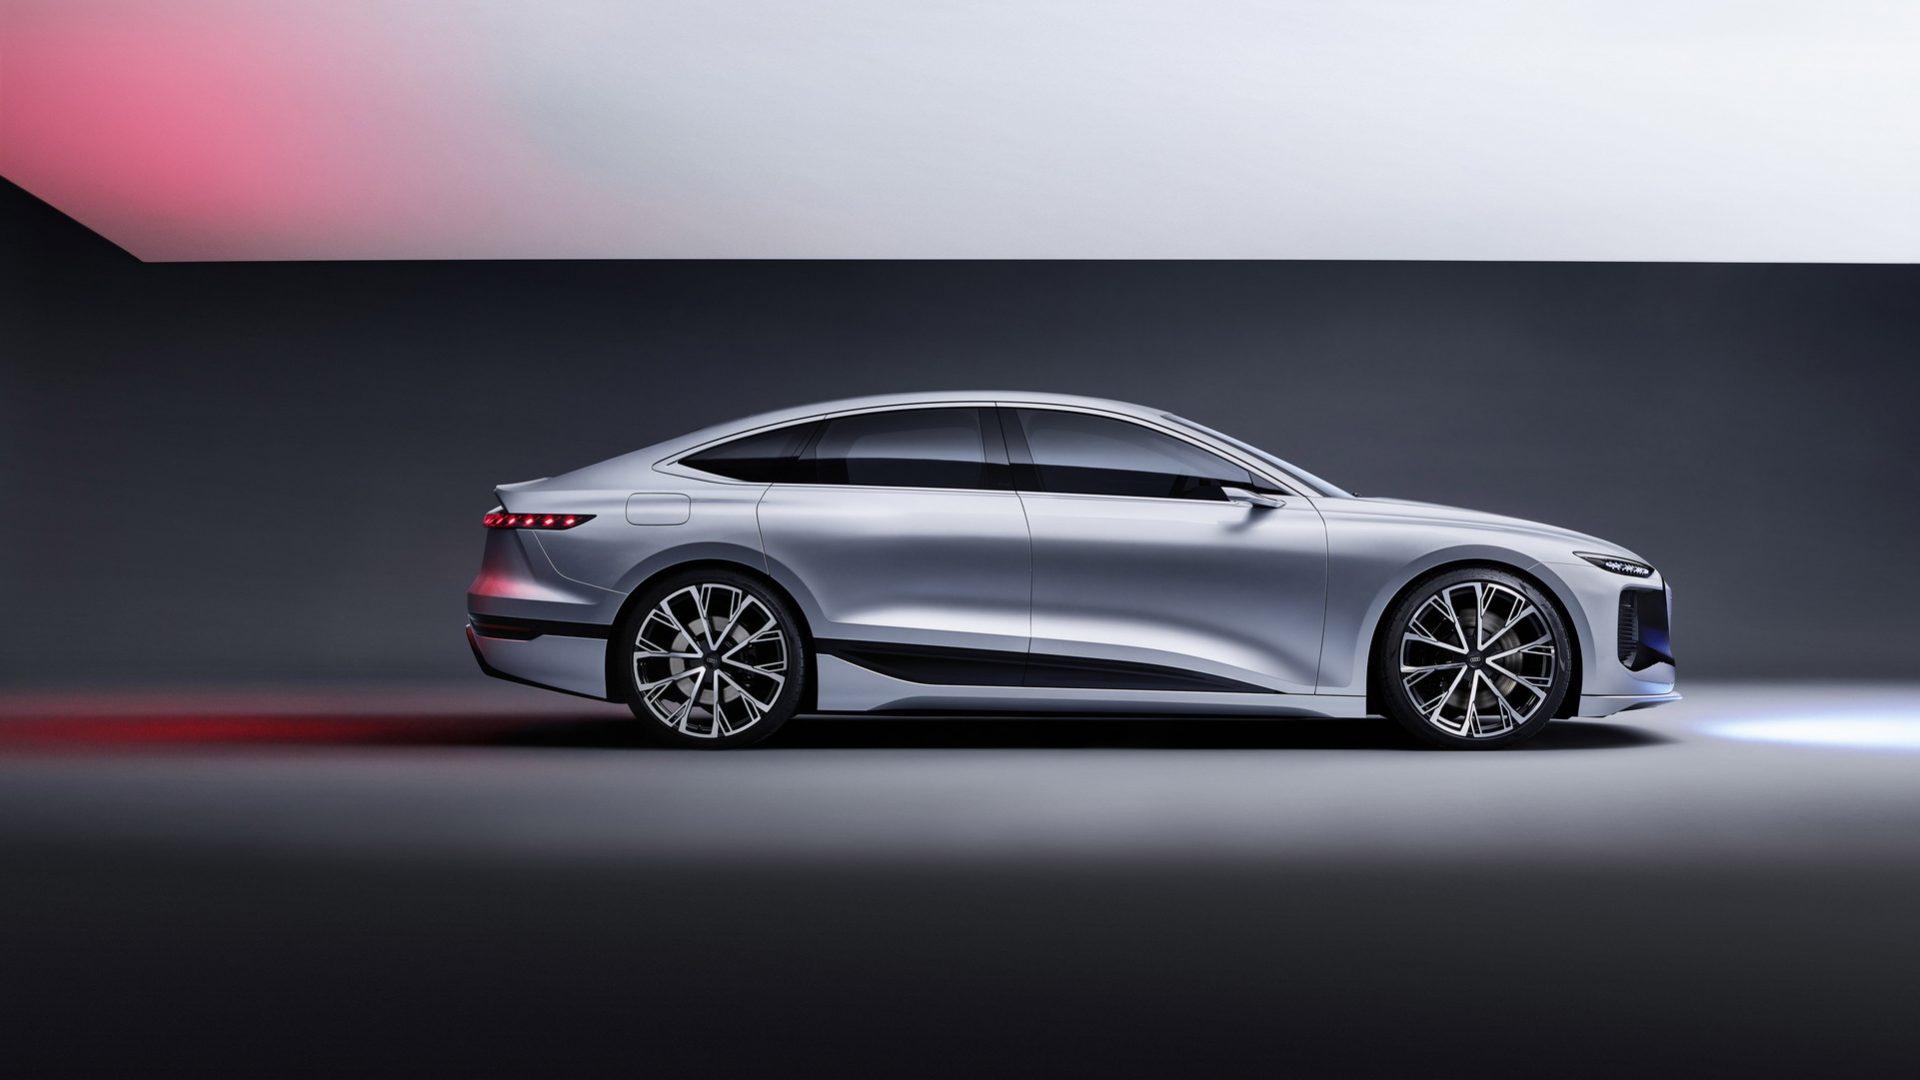 2021-Audi-A6-e-tron-Concept-03